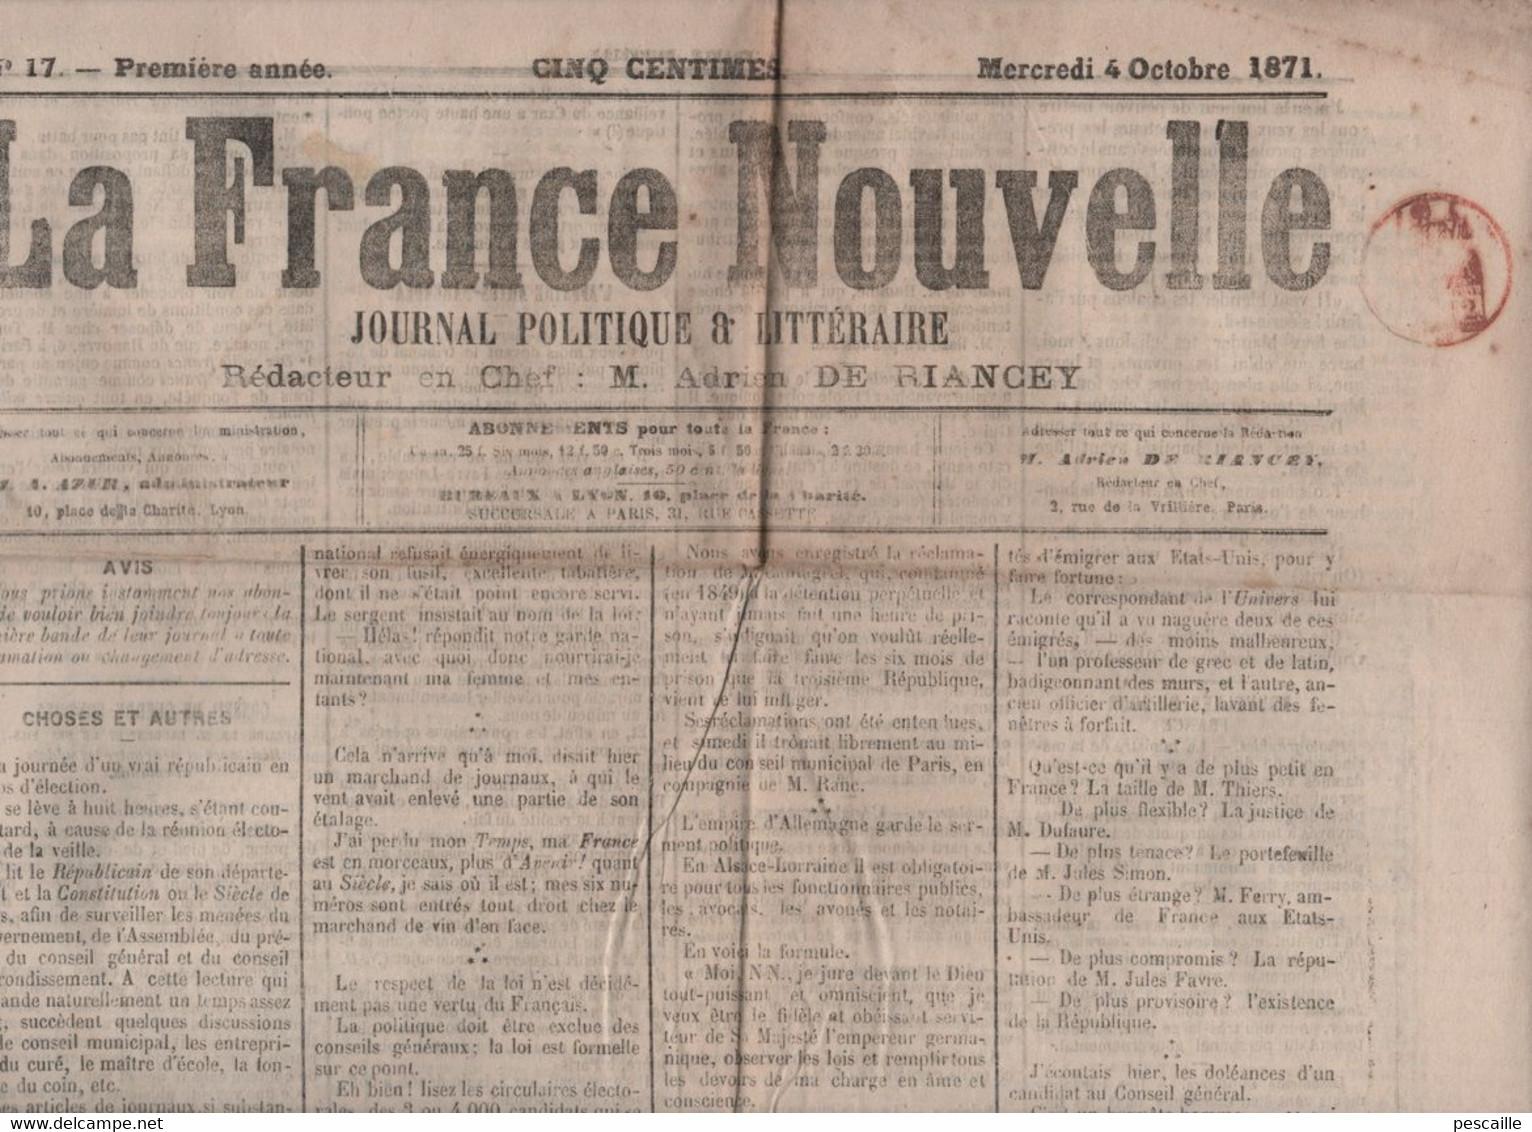 LA FRANCE NOUVELLE 04 10 1871 - SERMENT ALSACE LORRAINE - CONSEIL DE GUERRE PRUSSIEN LE RAINCY - 1850 - 1899